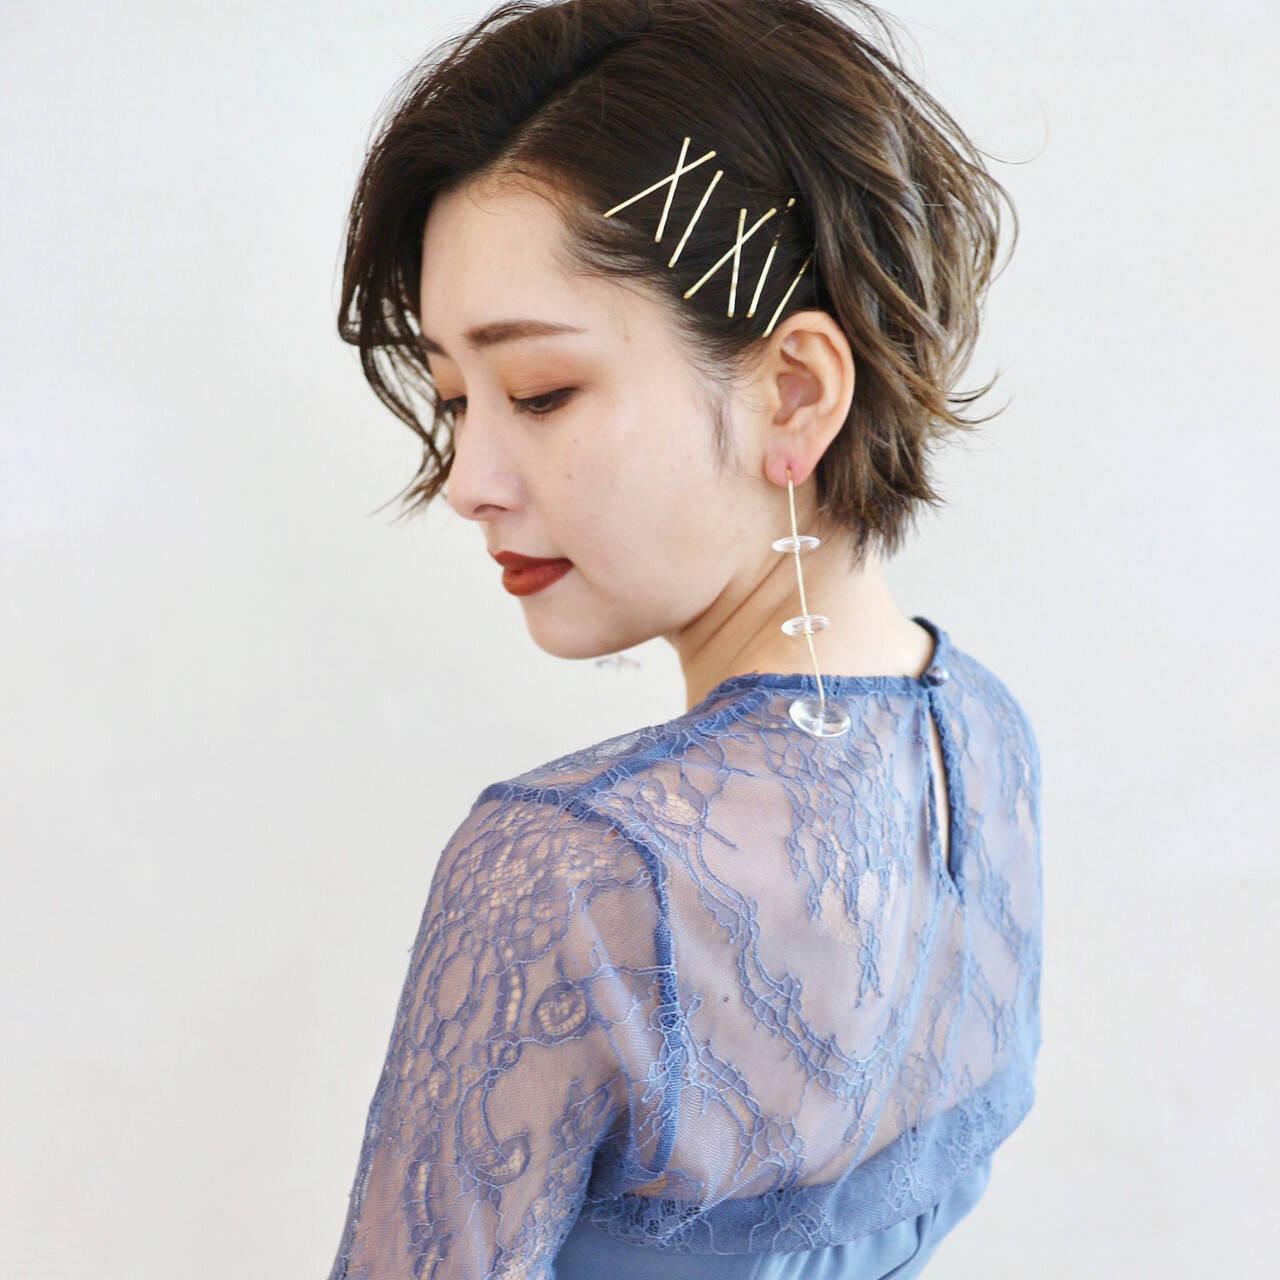 サイドにヘアピンで固定 三好 佳奈美  Baco.(バコ)